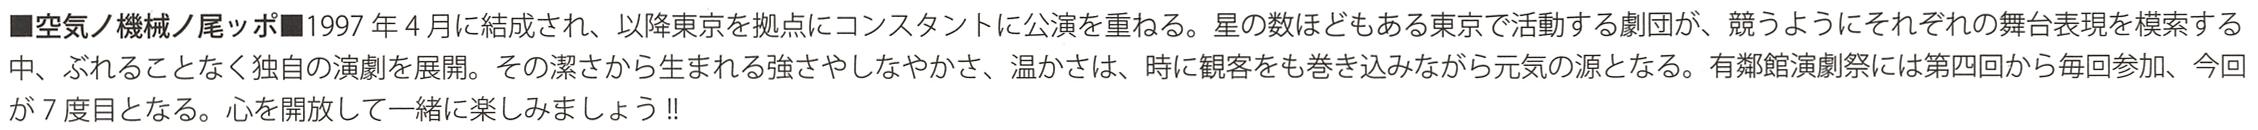 空気ノ機械ノ尾ッポ 9/18-20